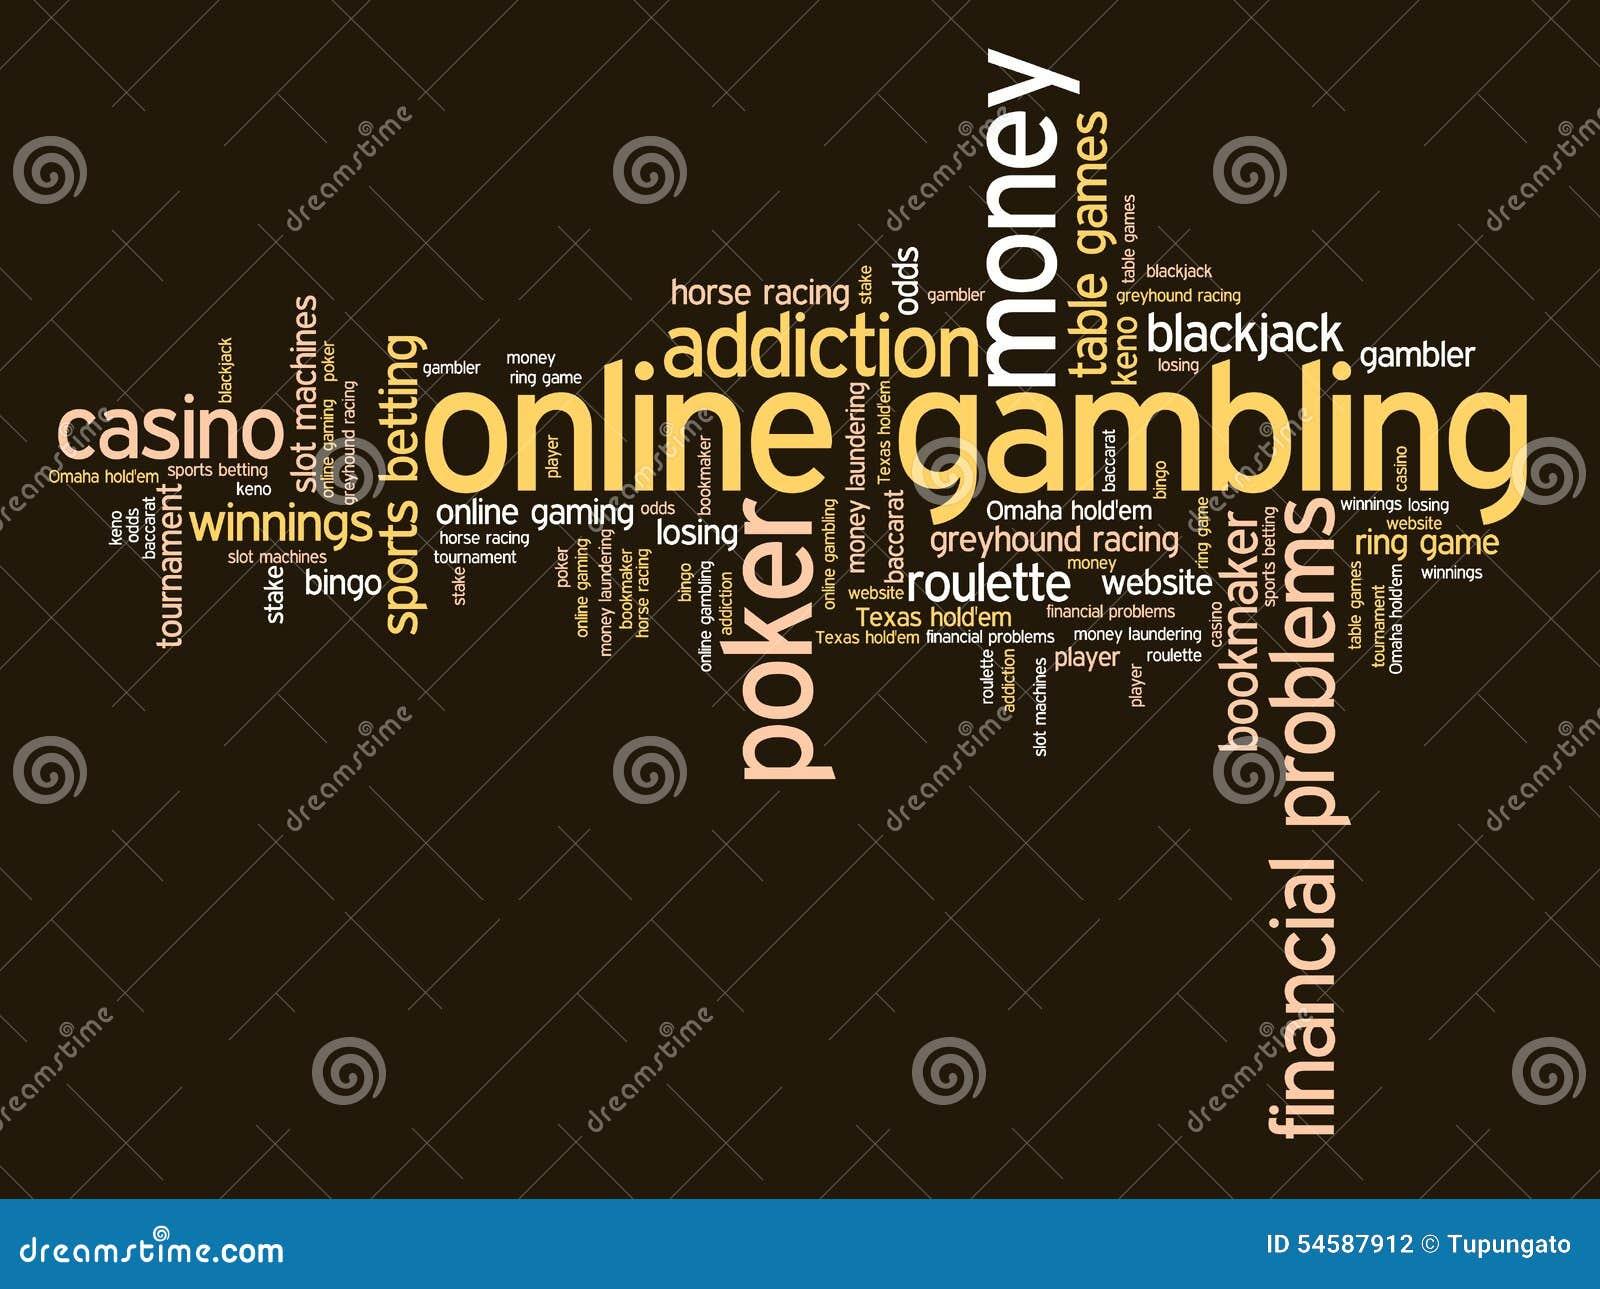 gambling in weirton